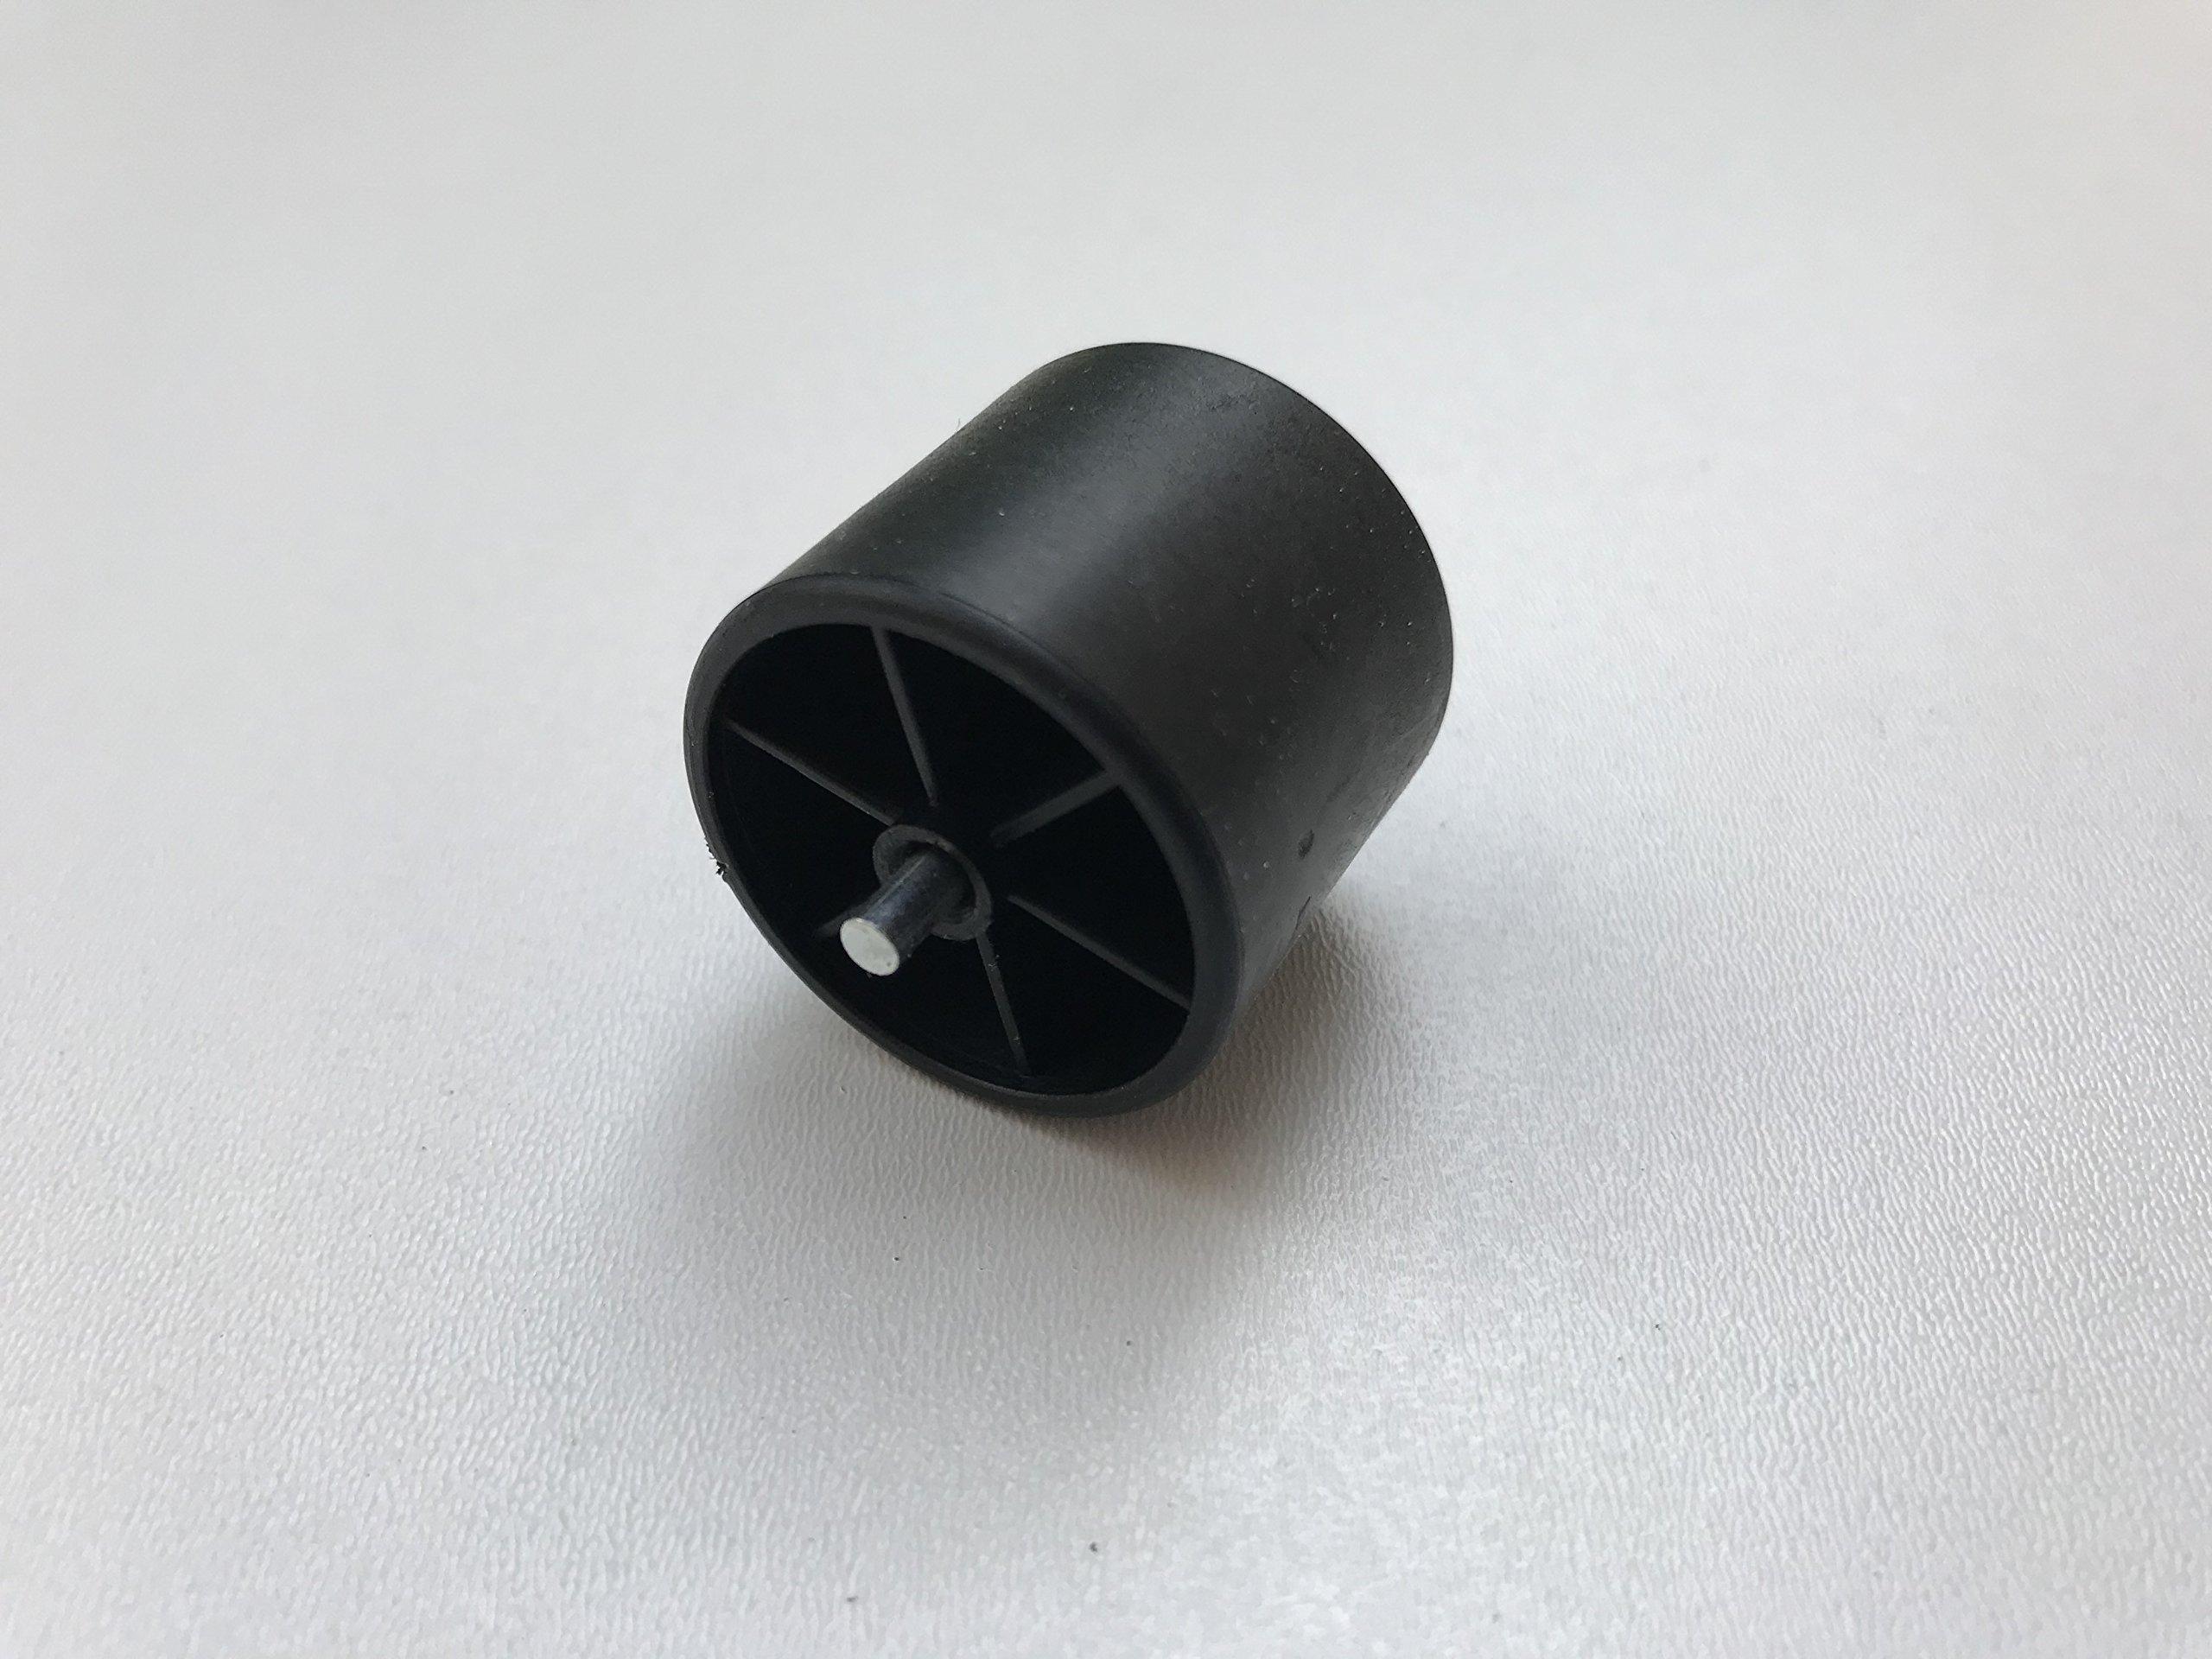 Skate Wheel Plastic Dia 28 mm for Roller Track Flow Rail Conveyor Black ESD (Pack of 10)